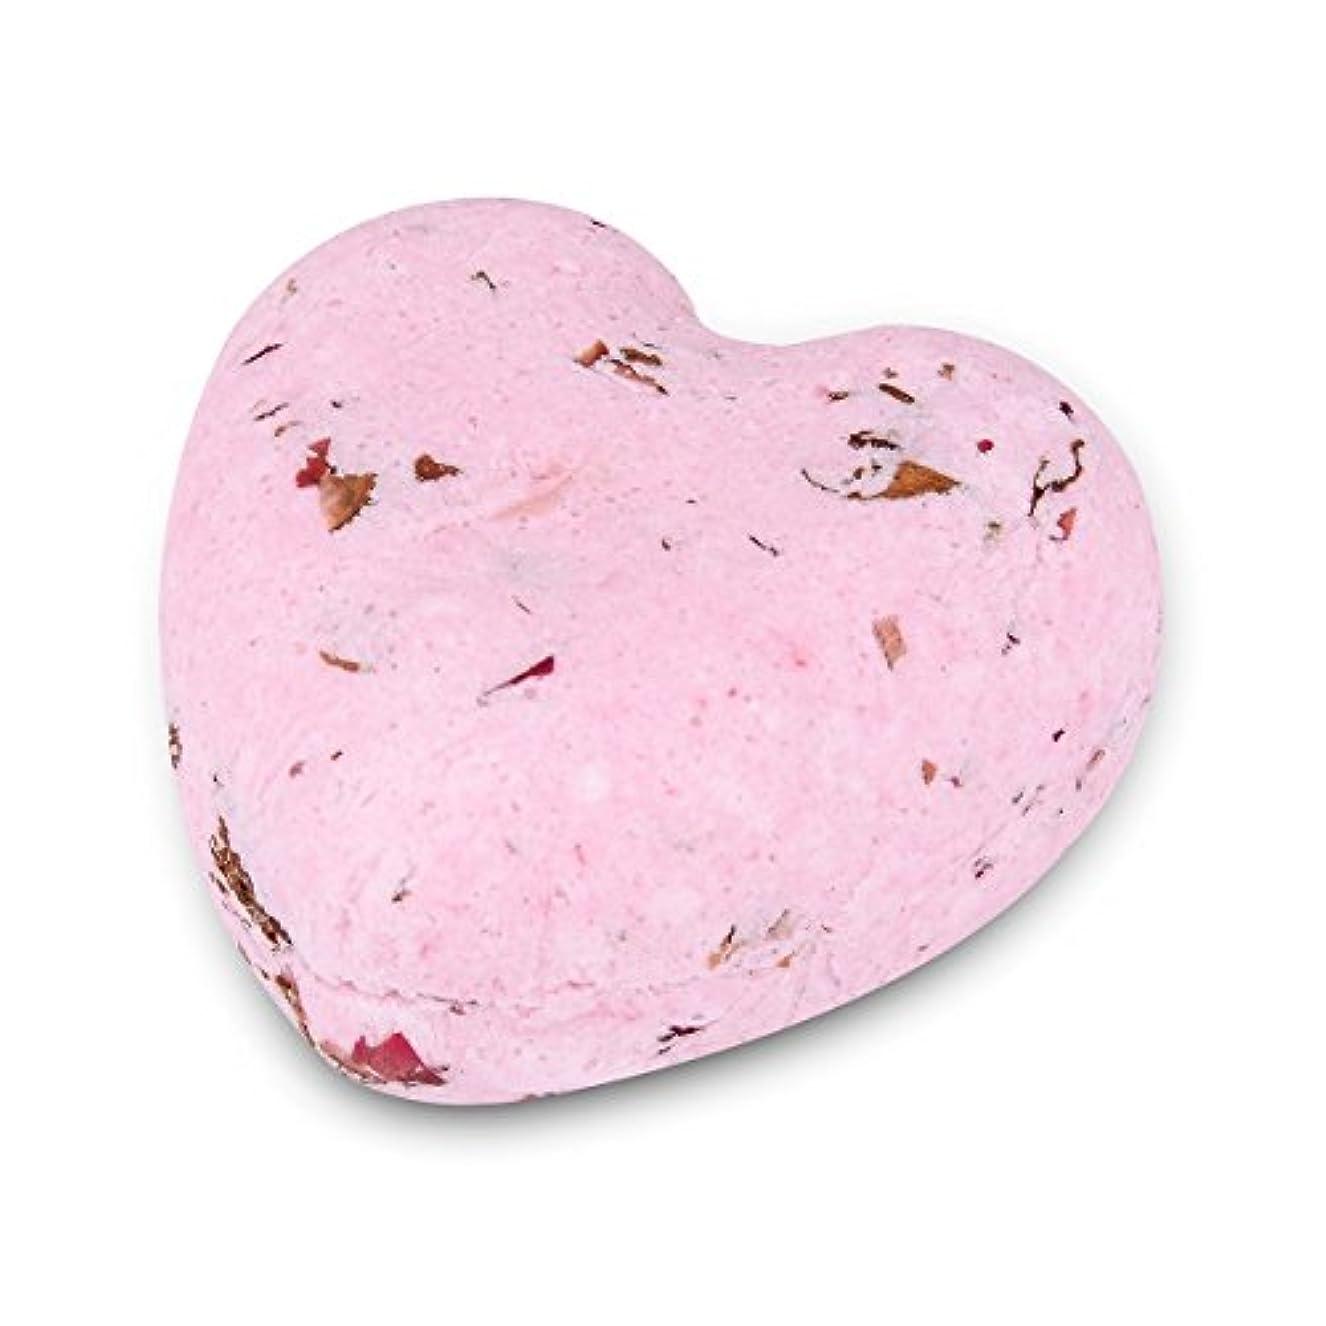 列挙する毎年飾るHOUSWEETY ローズの香り ハート型 バスボム 炭酸入浴剤 入浴料 海塩 アロマオイル バスボール 1個入り